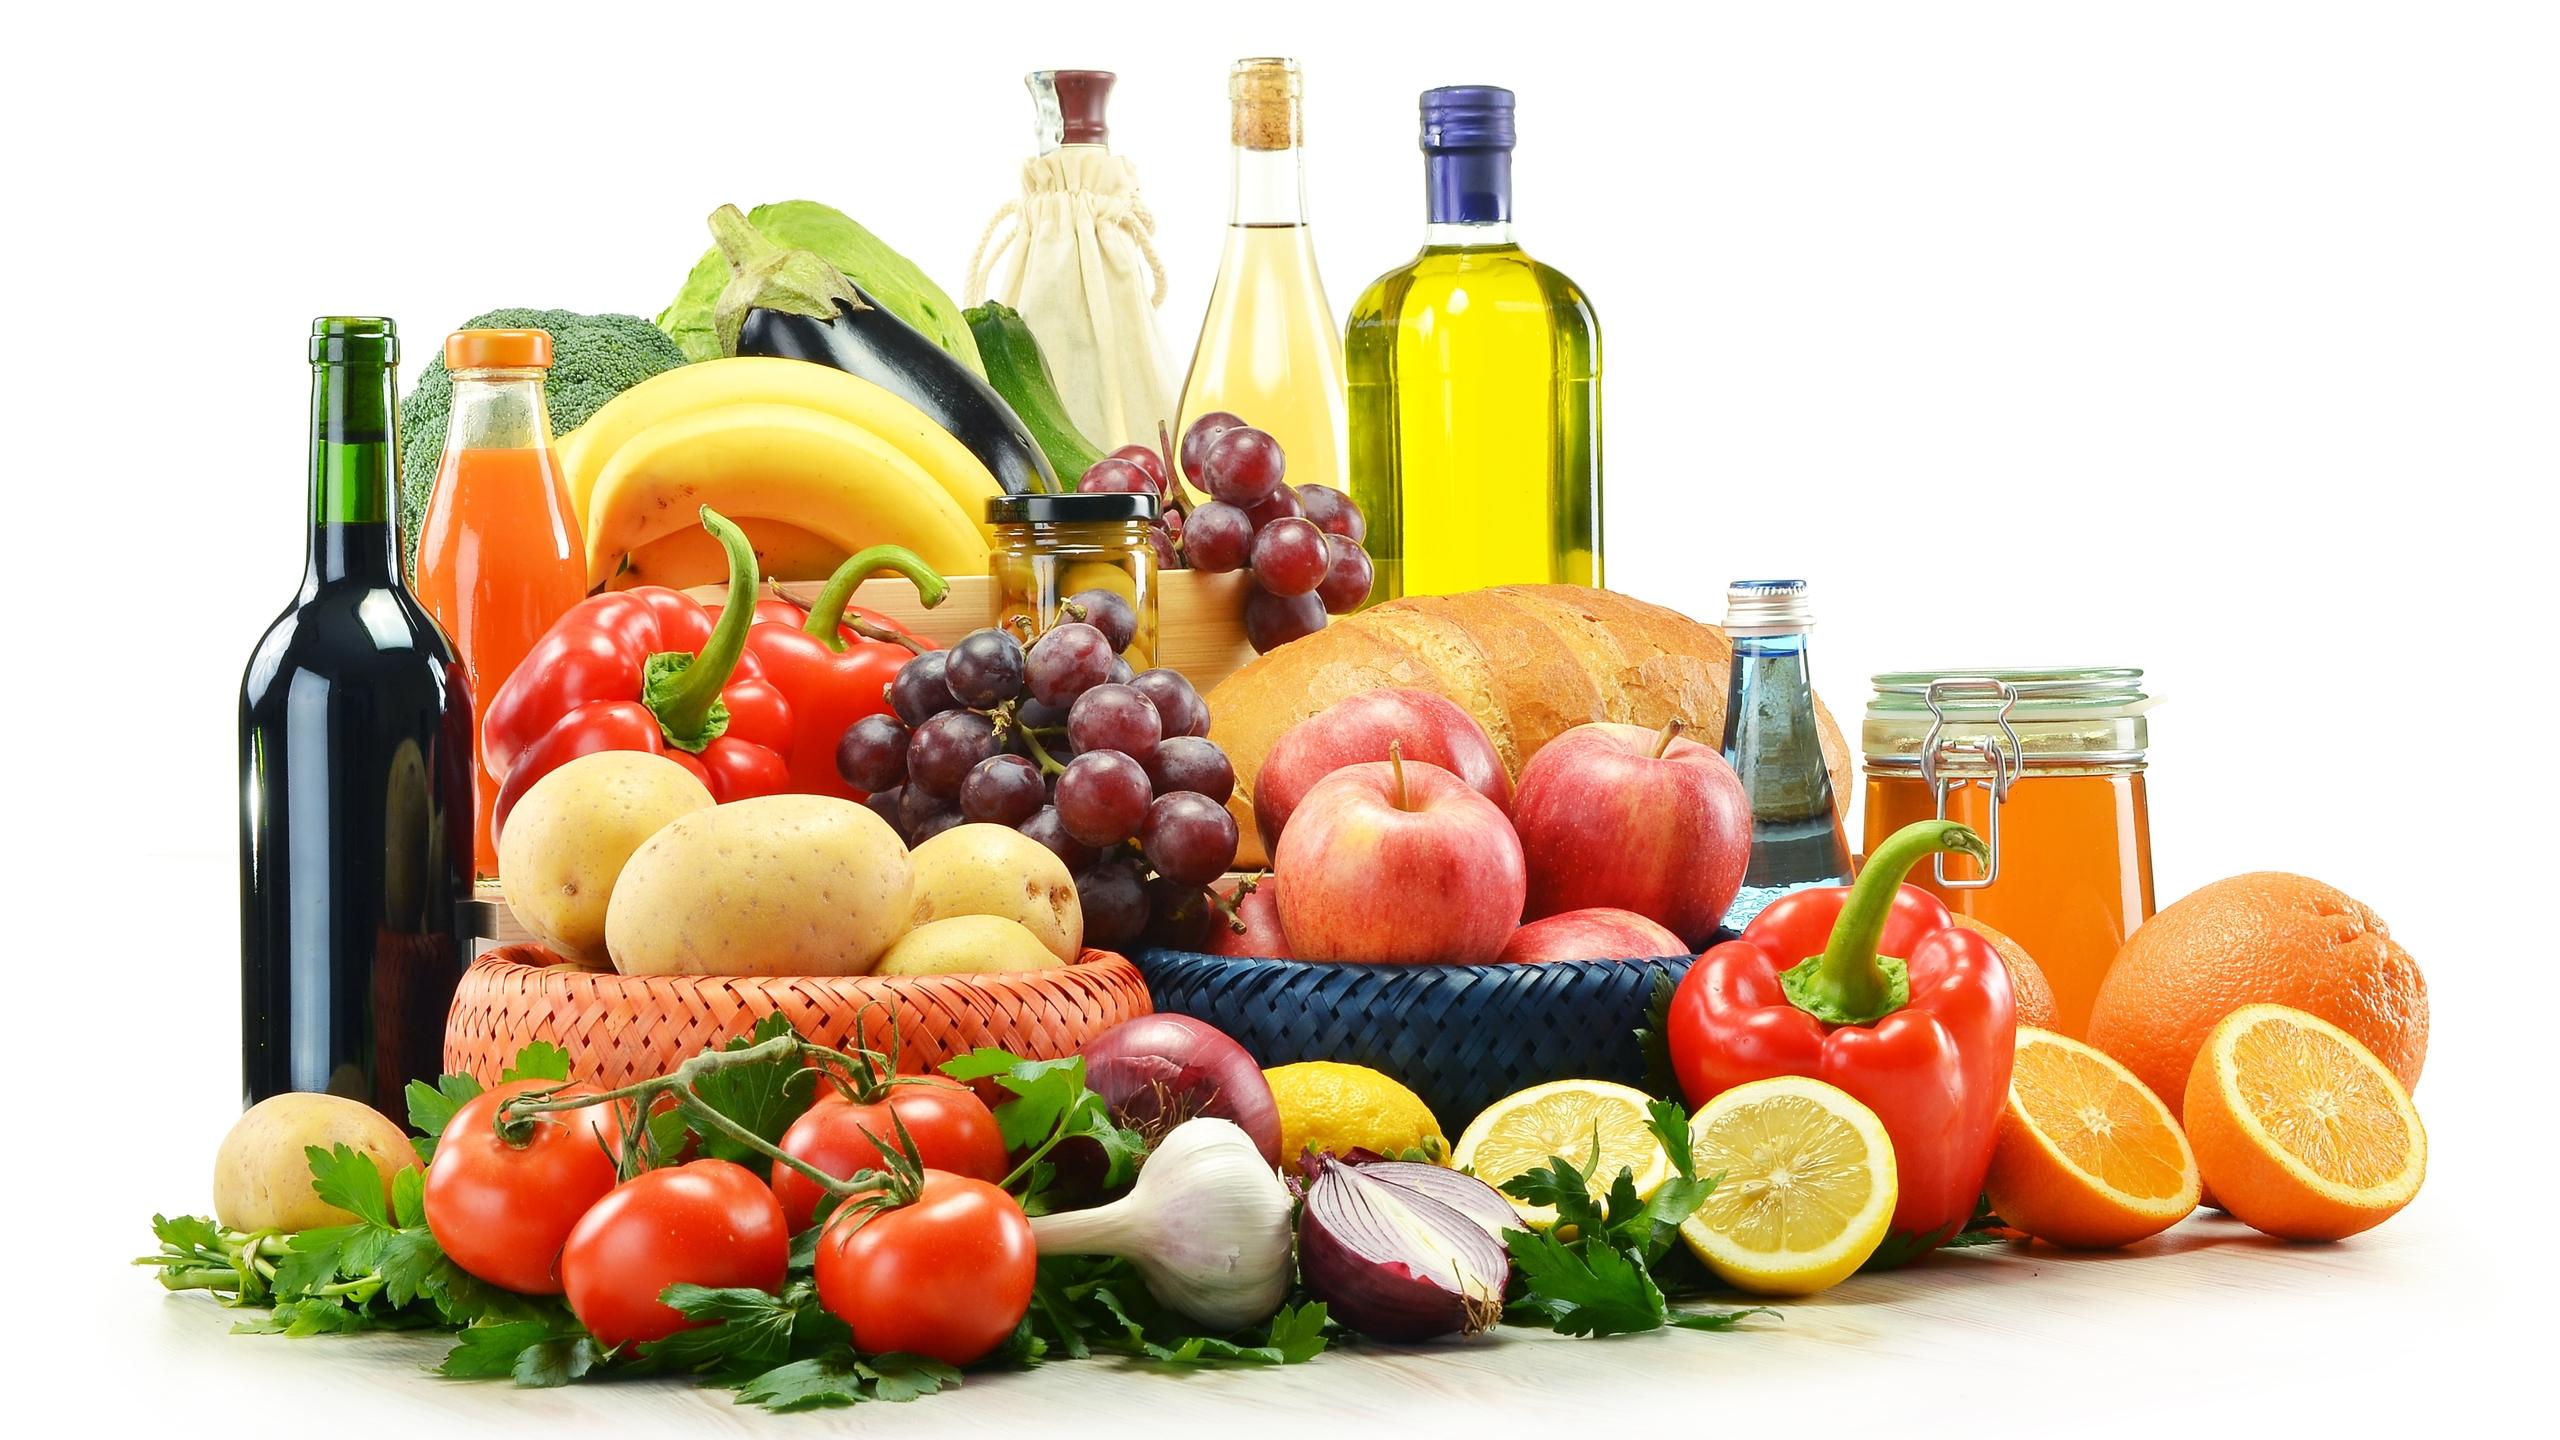 Kamut, pomodori, zucchero... 10 cose che non sai sul cibo